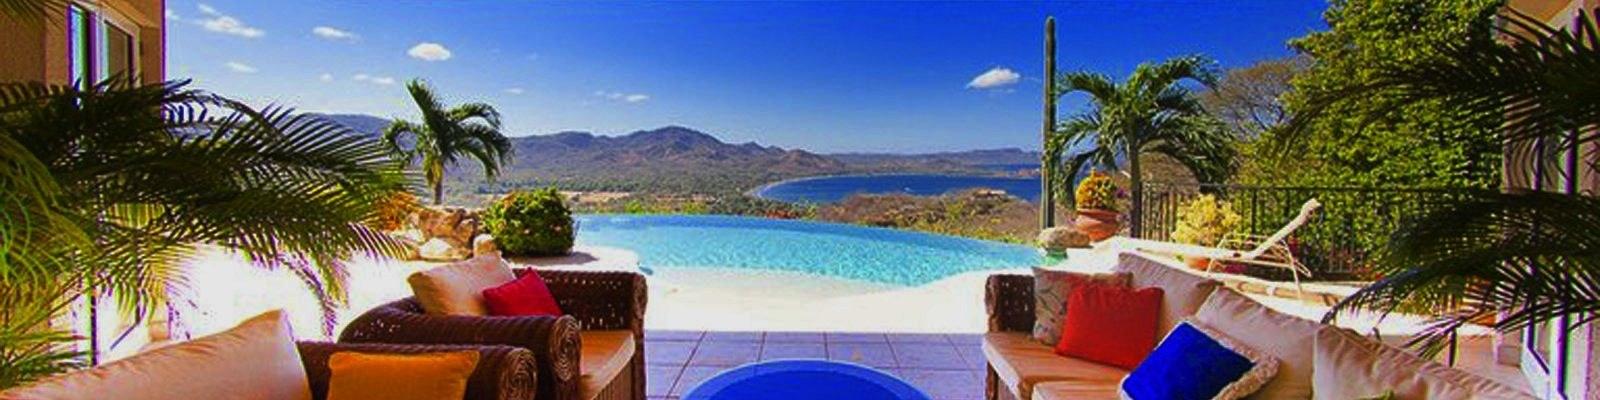 Mafi Real Estate Homes & Villas